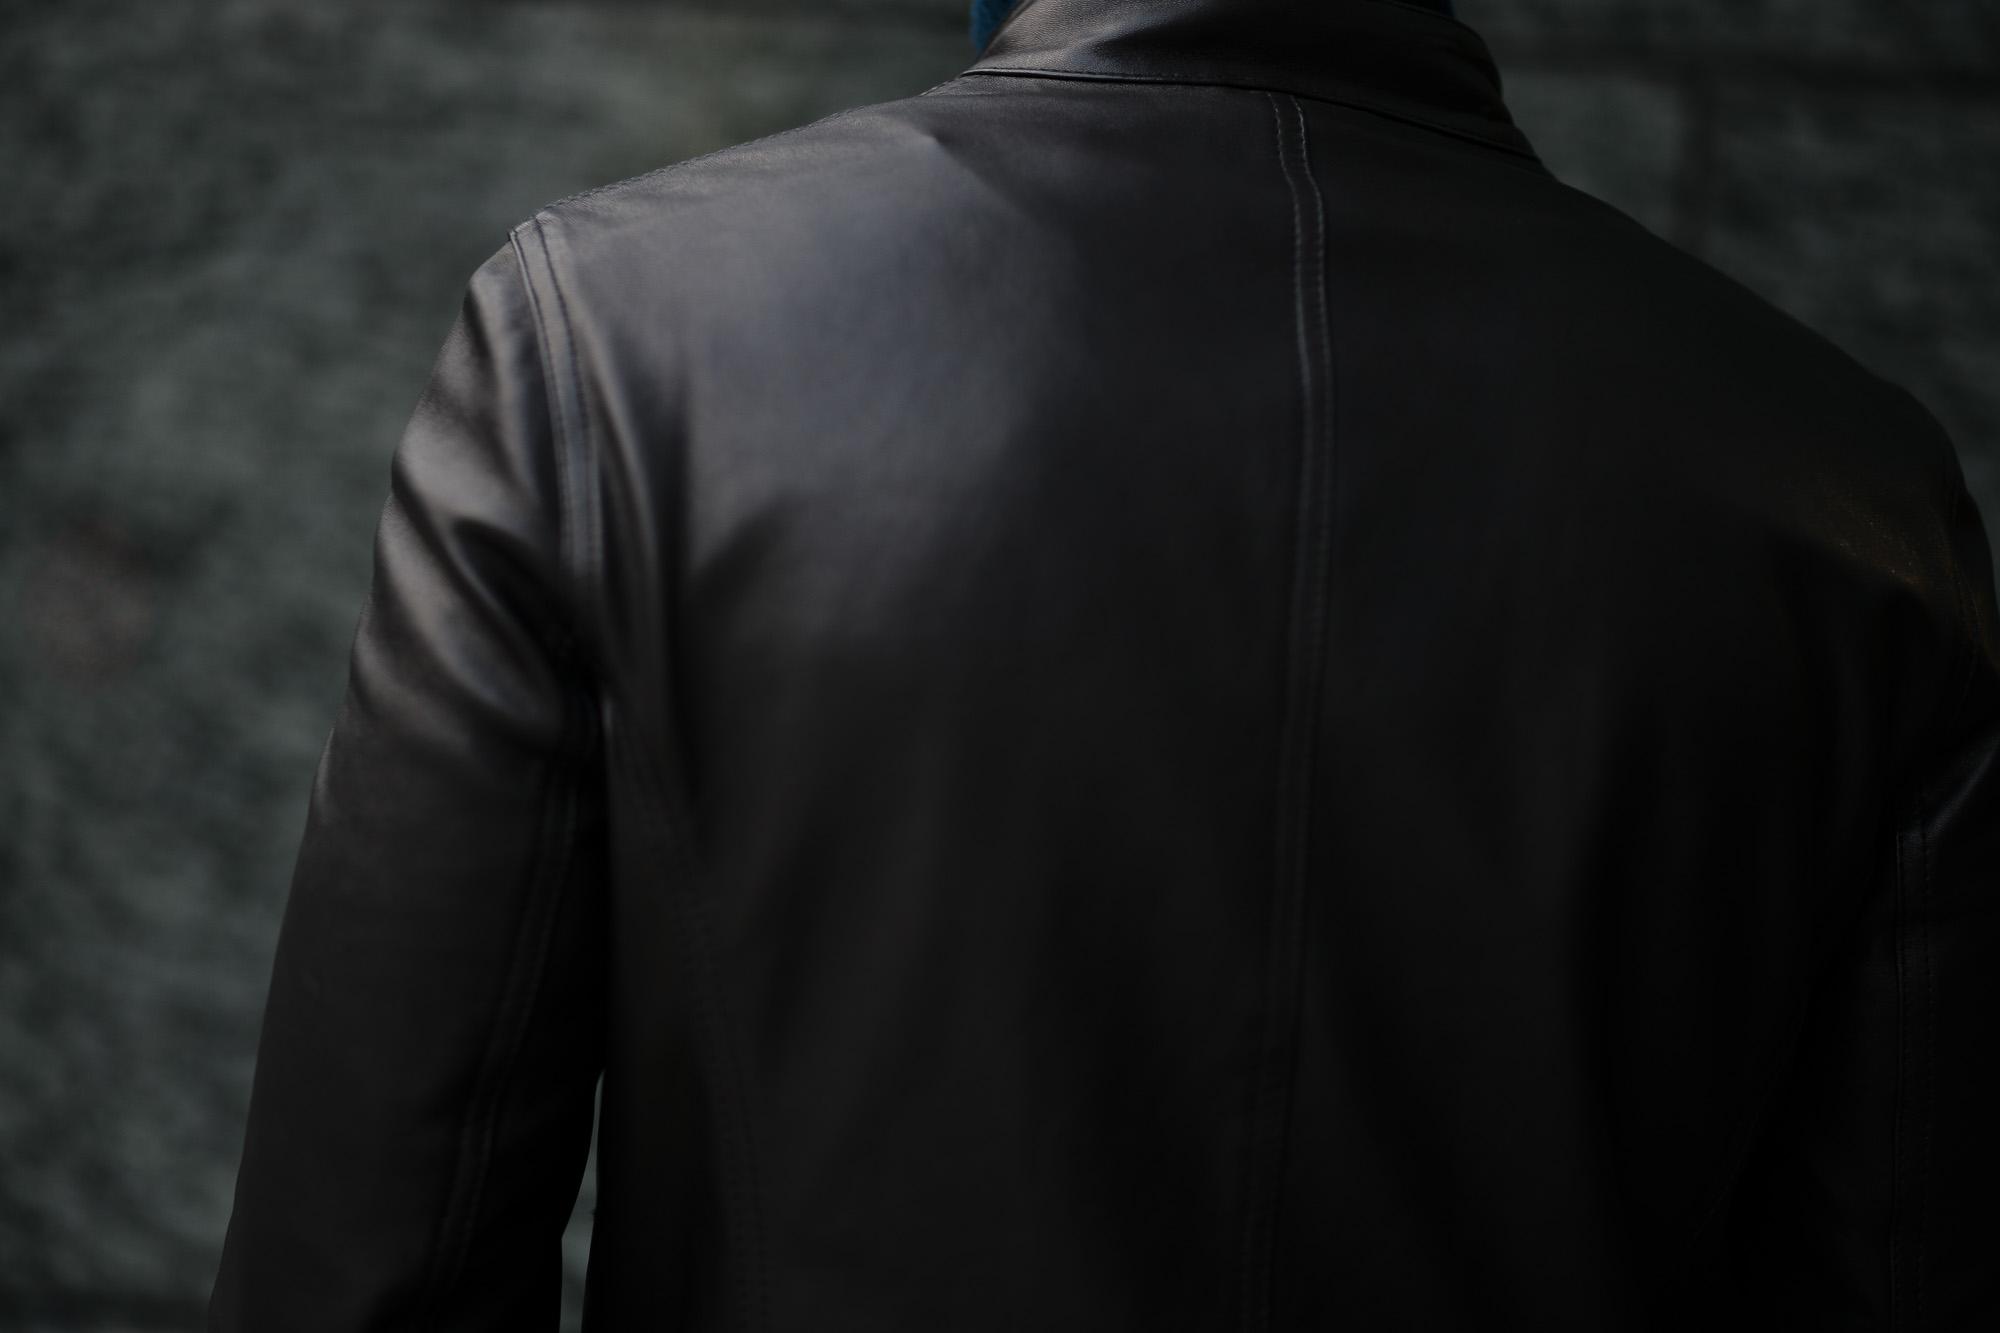 EMMETI(エンメティ) JURI(ユリ) Lambskin nappa Leather シングルライダース レザージャケット NERO (ブラック) made in italy (イタリア製) 2019 春夏【2019年春夏第1便ご予約受付中】 愛知 alto e diritto アルトエデリット altoediritto 干場さん 干場着 ユーリ